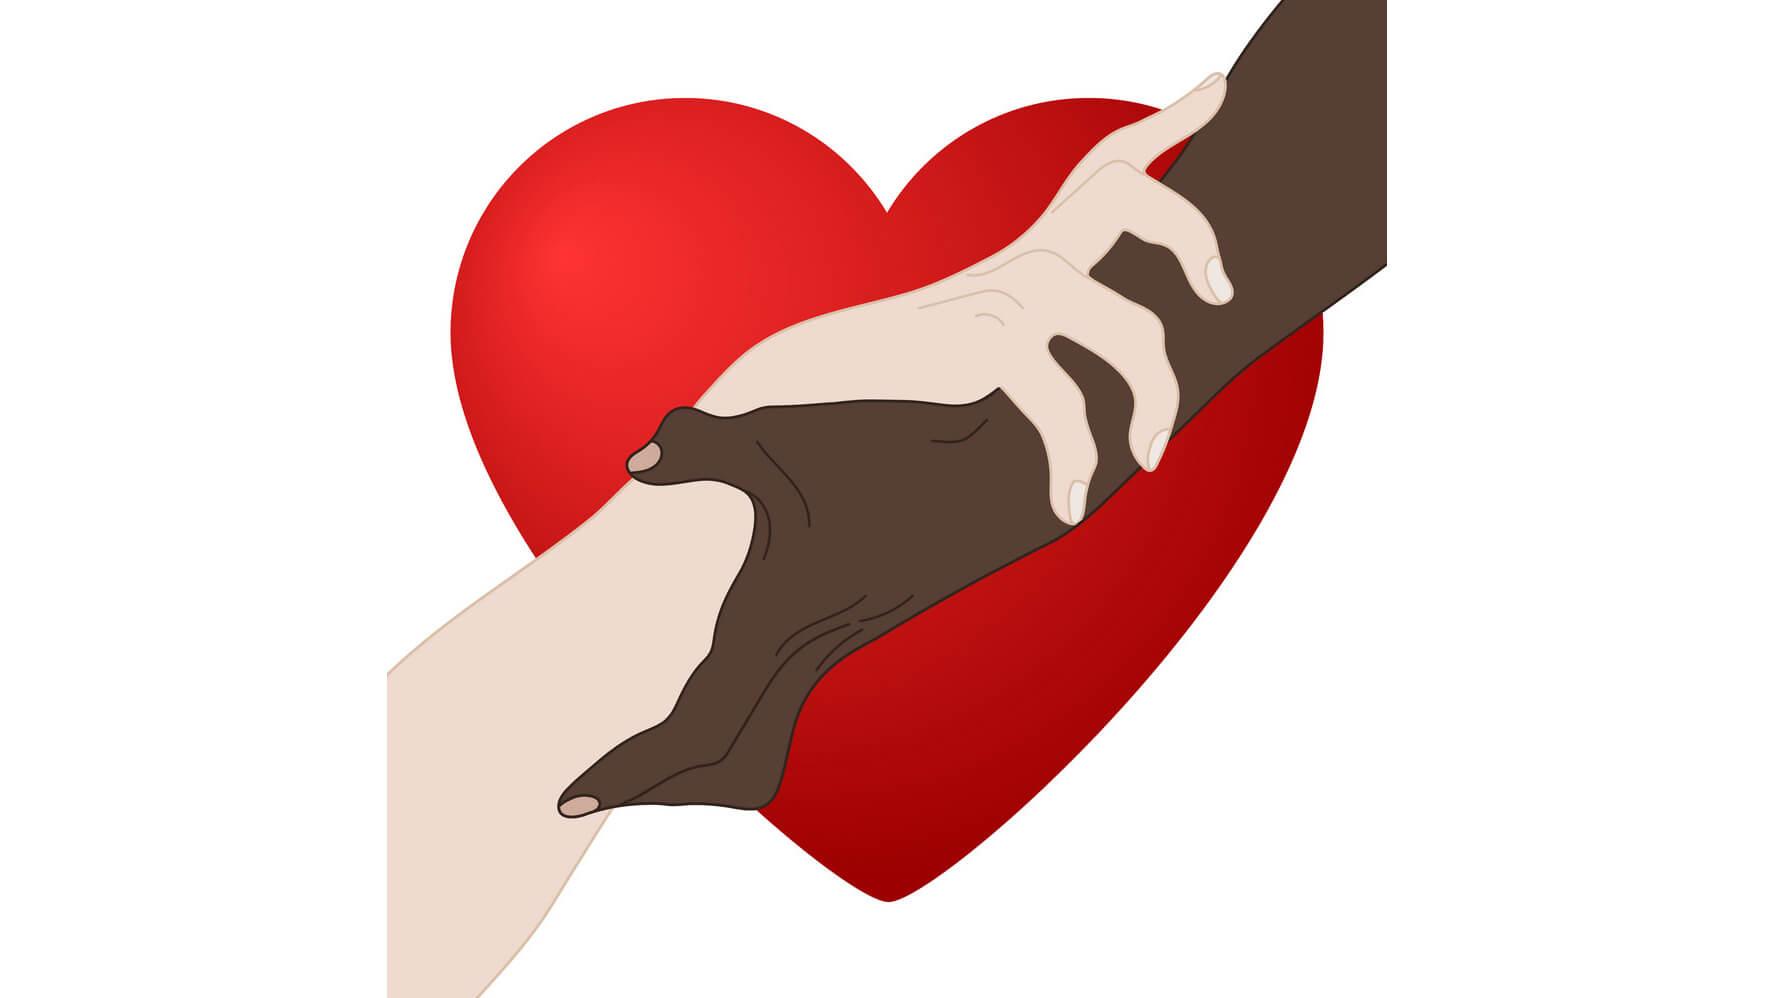 حمایت از جوانان|جوانان تحت حمایت موسسه خیریه|درمان سرطان | کمک به خیریه | خیریه